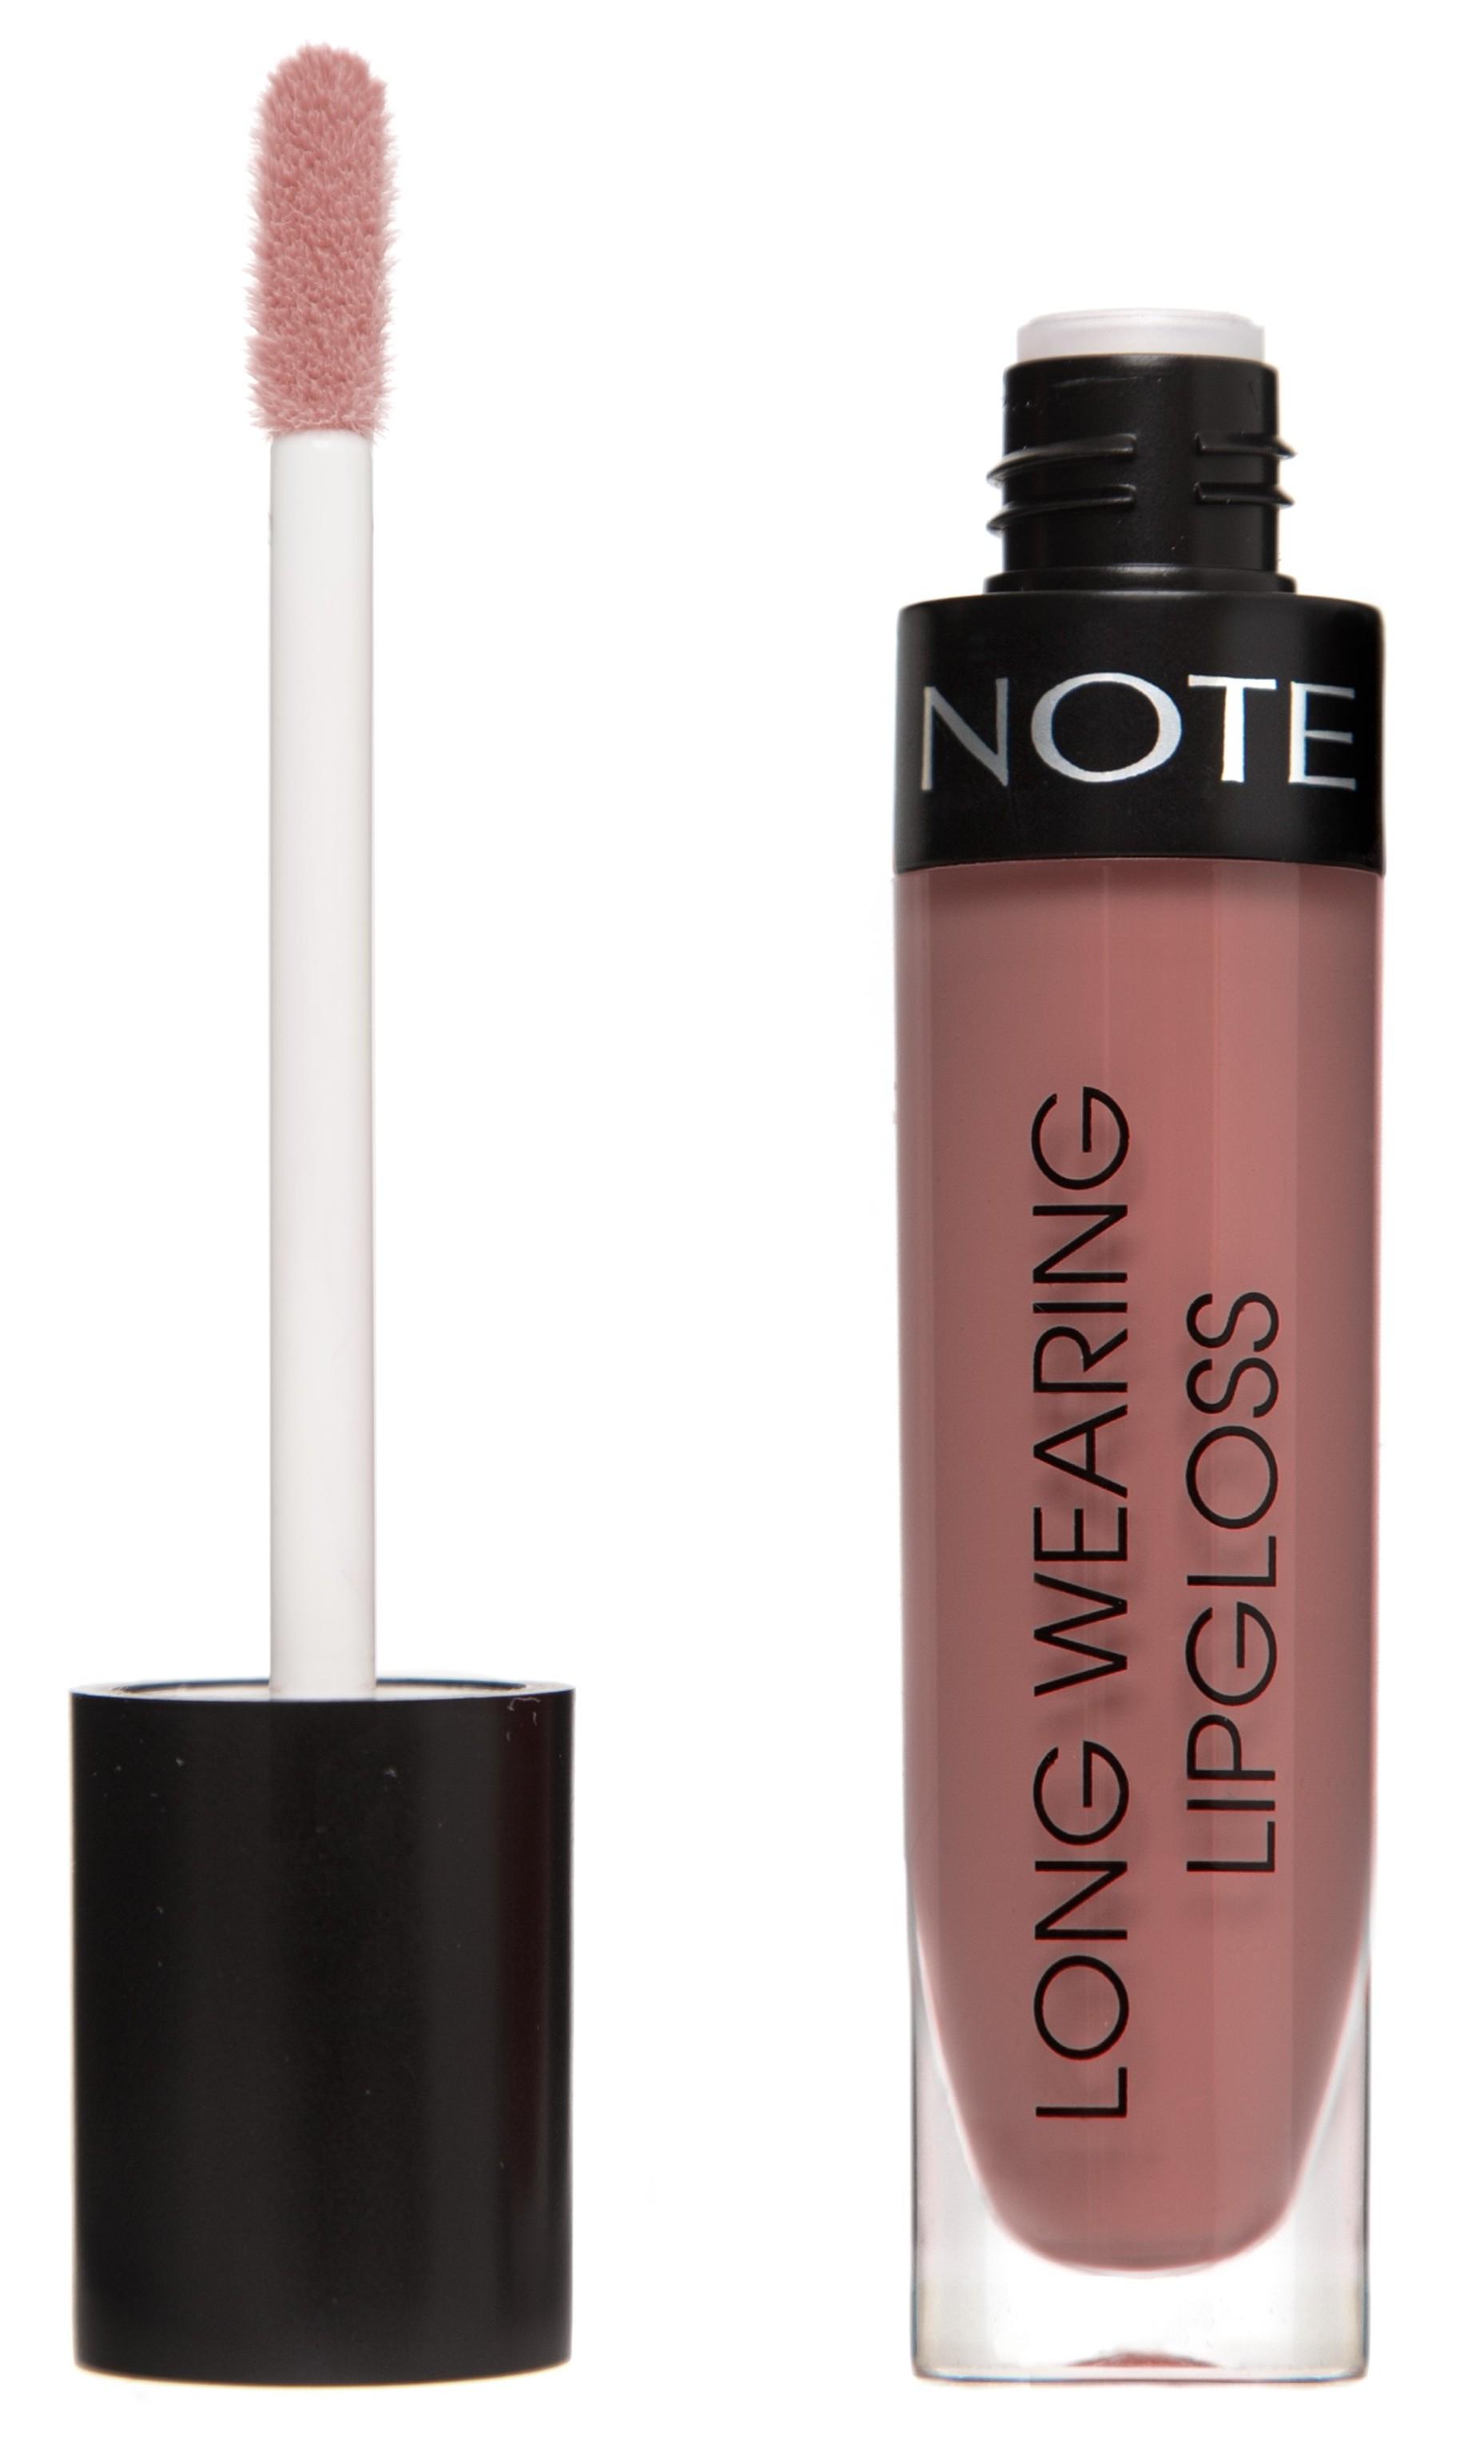 Купить NOTE Cosmetics Блеск стойкий для губ 19 / LONG WEARING LIPGLOSS 6 мл